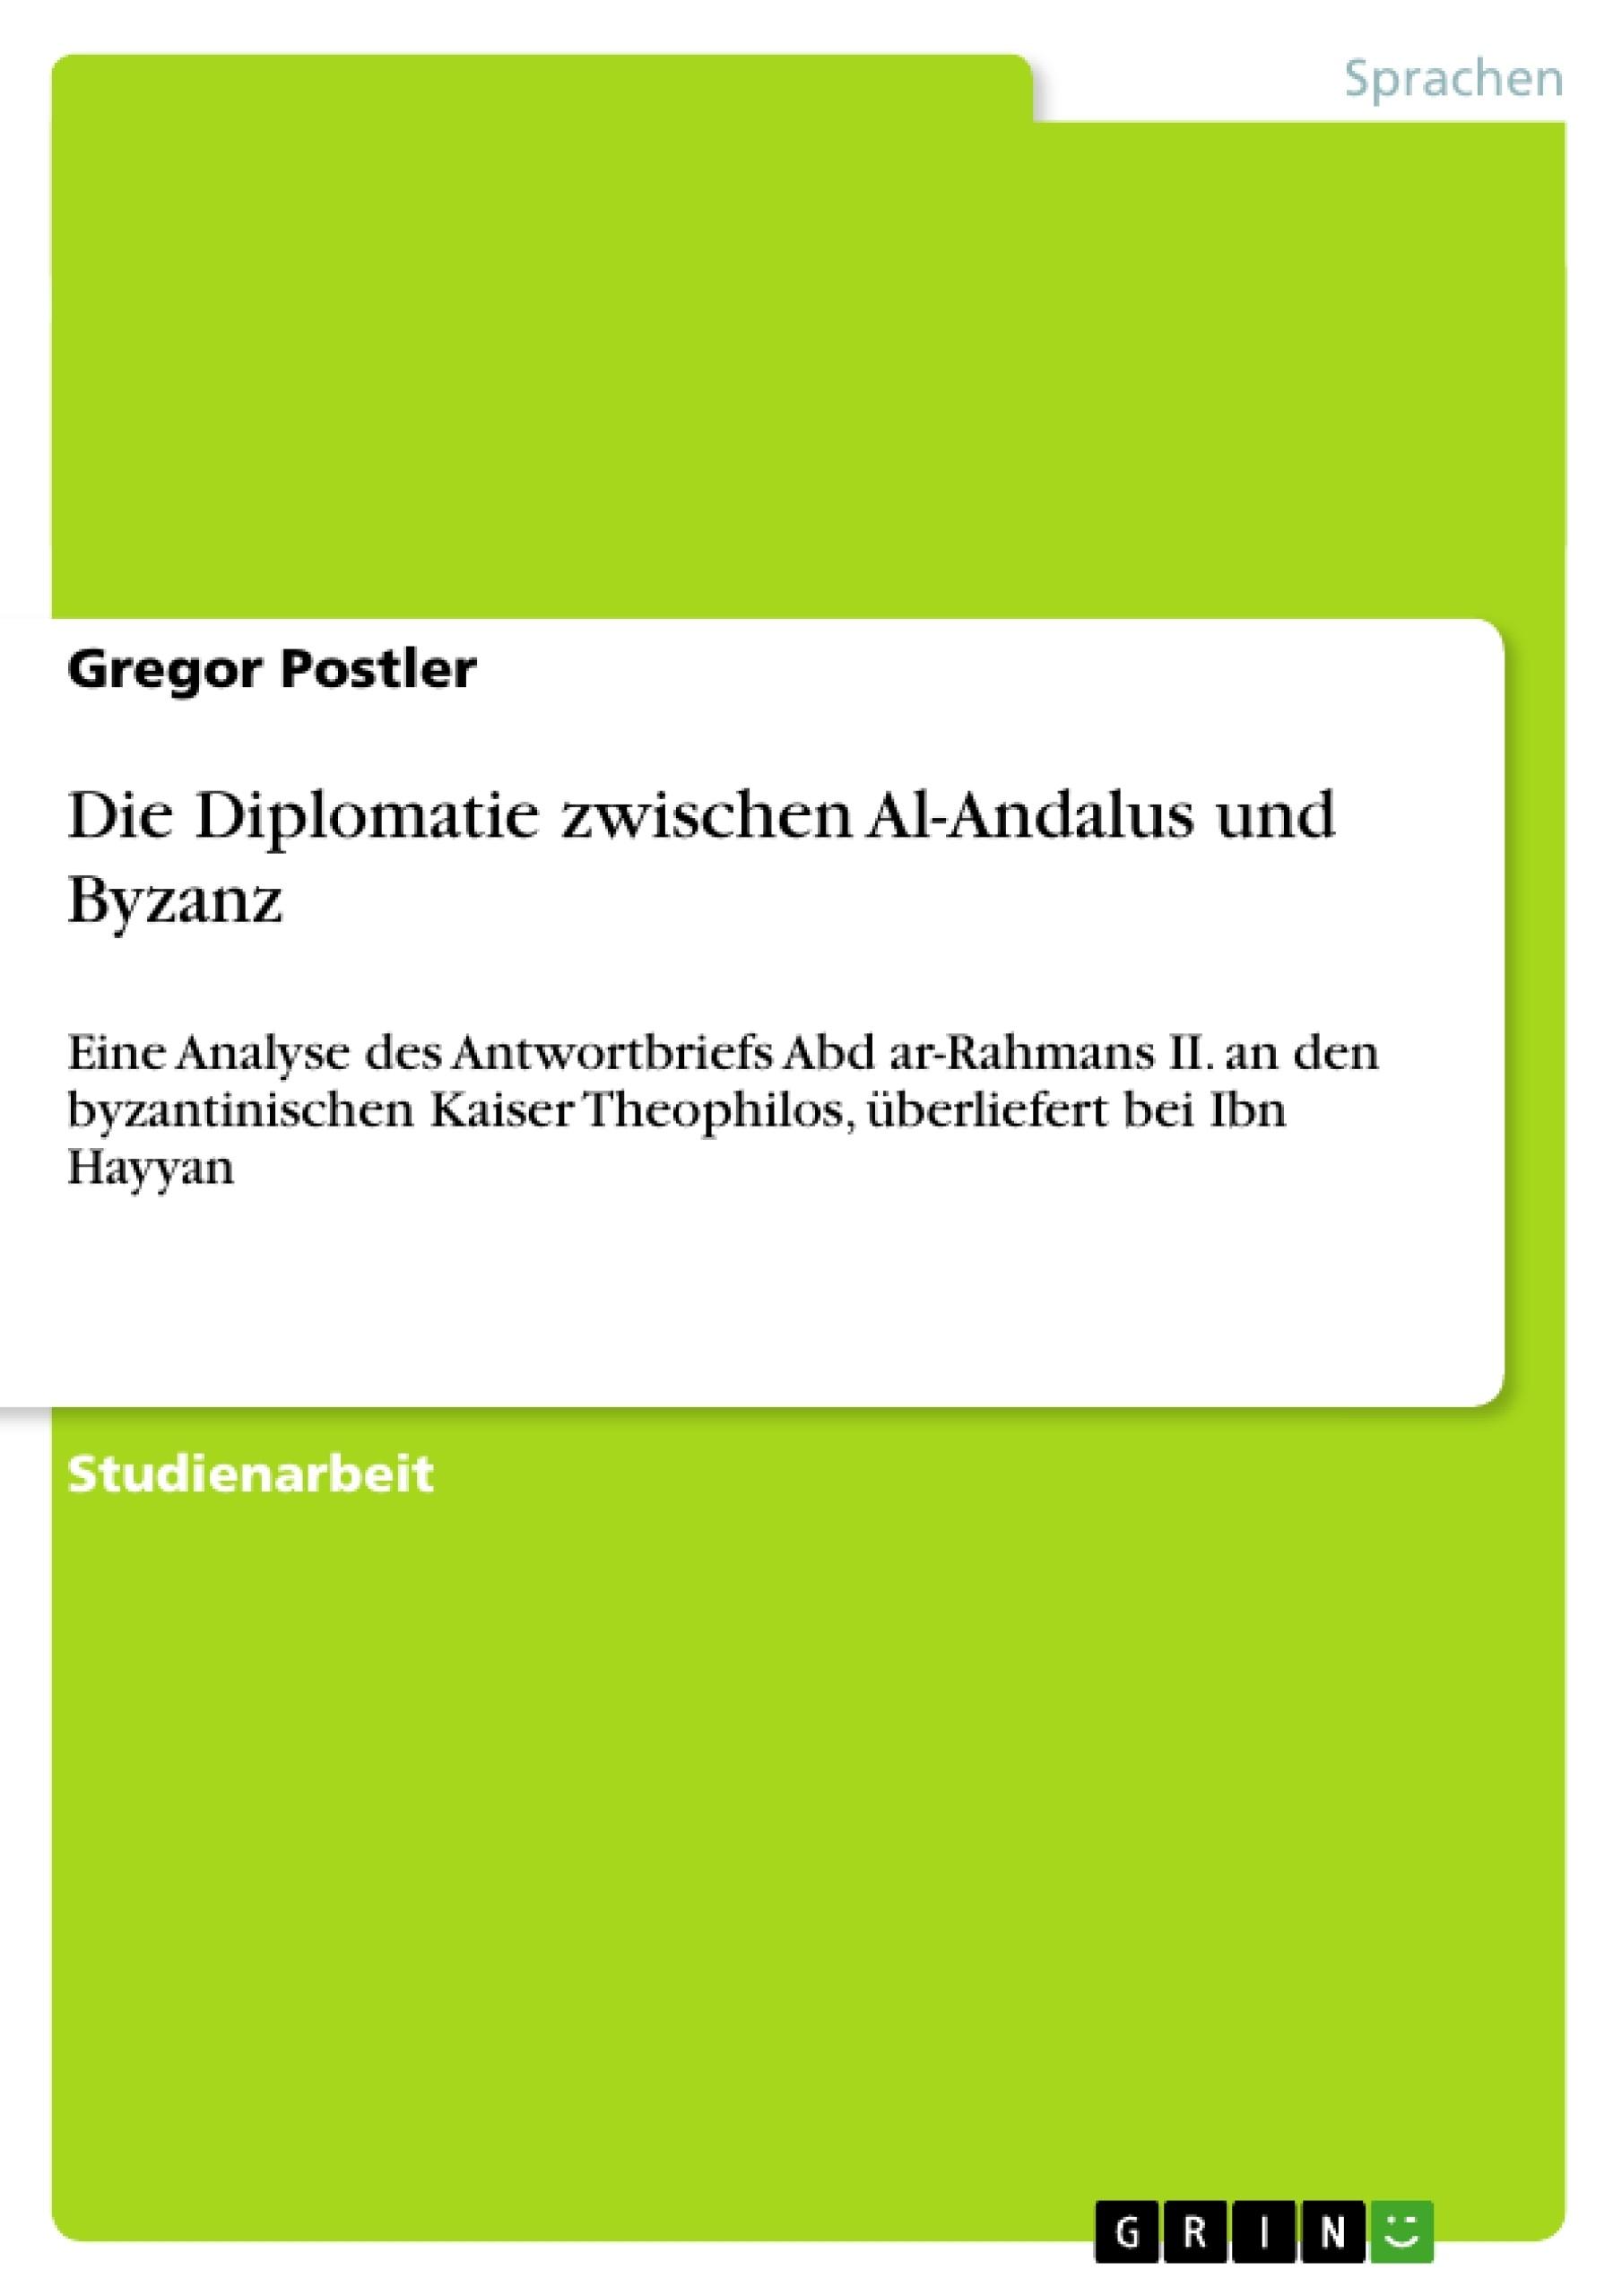 Titel: Die Diplomatie zwischen Al-Andalus und Byzanz